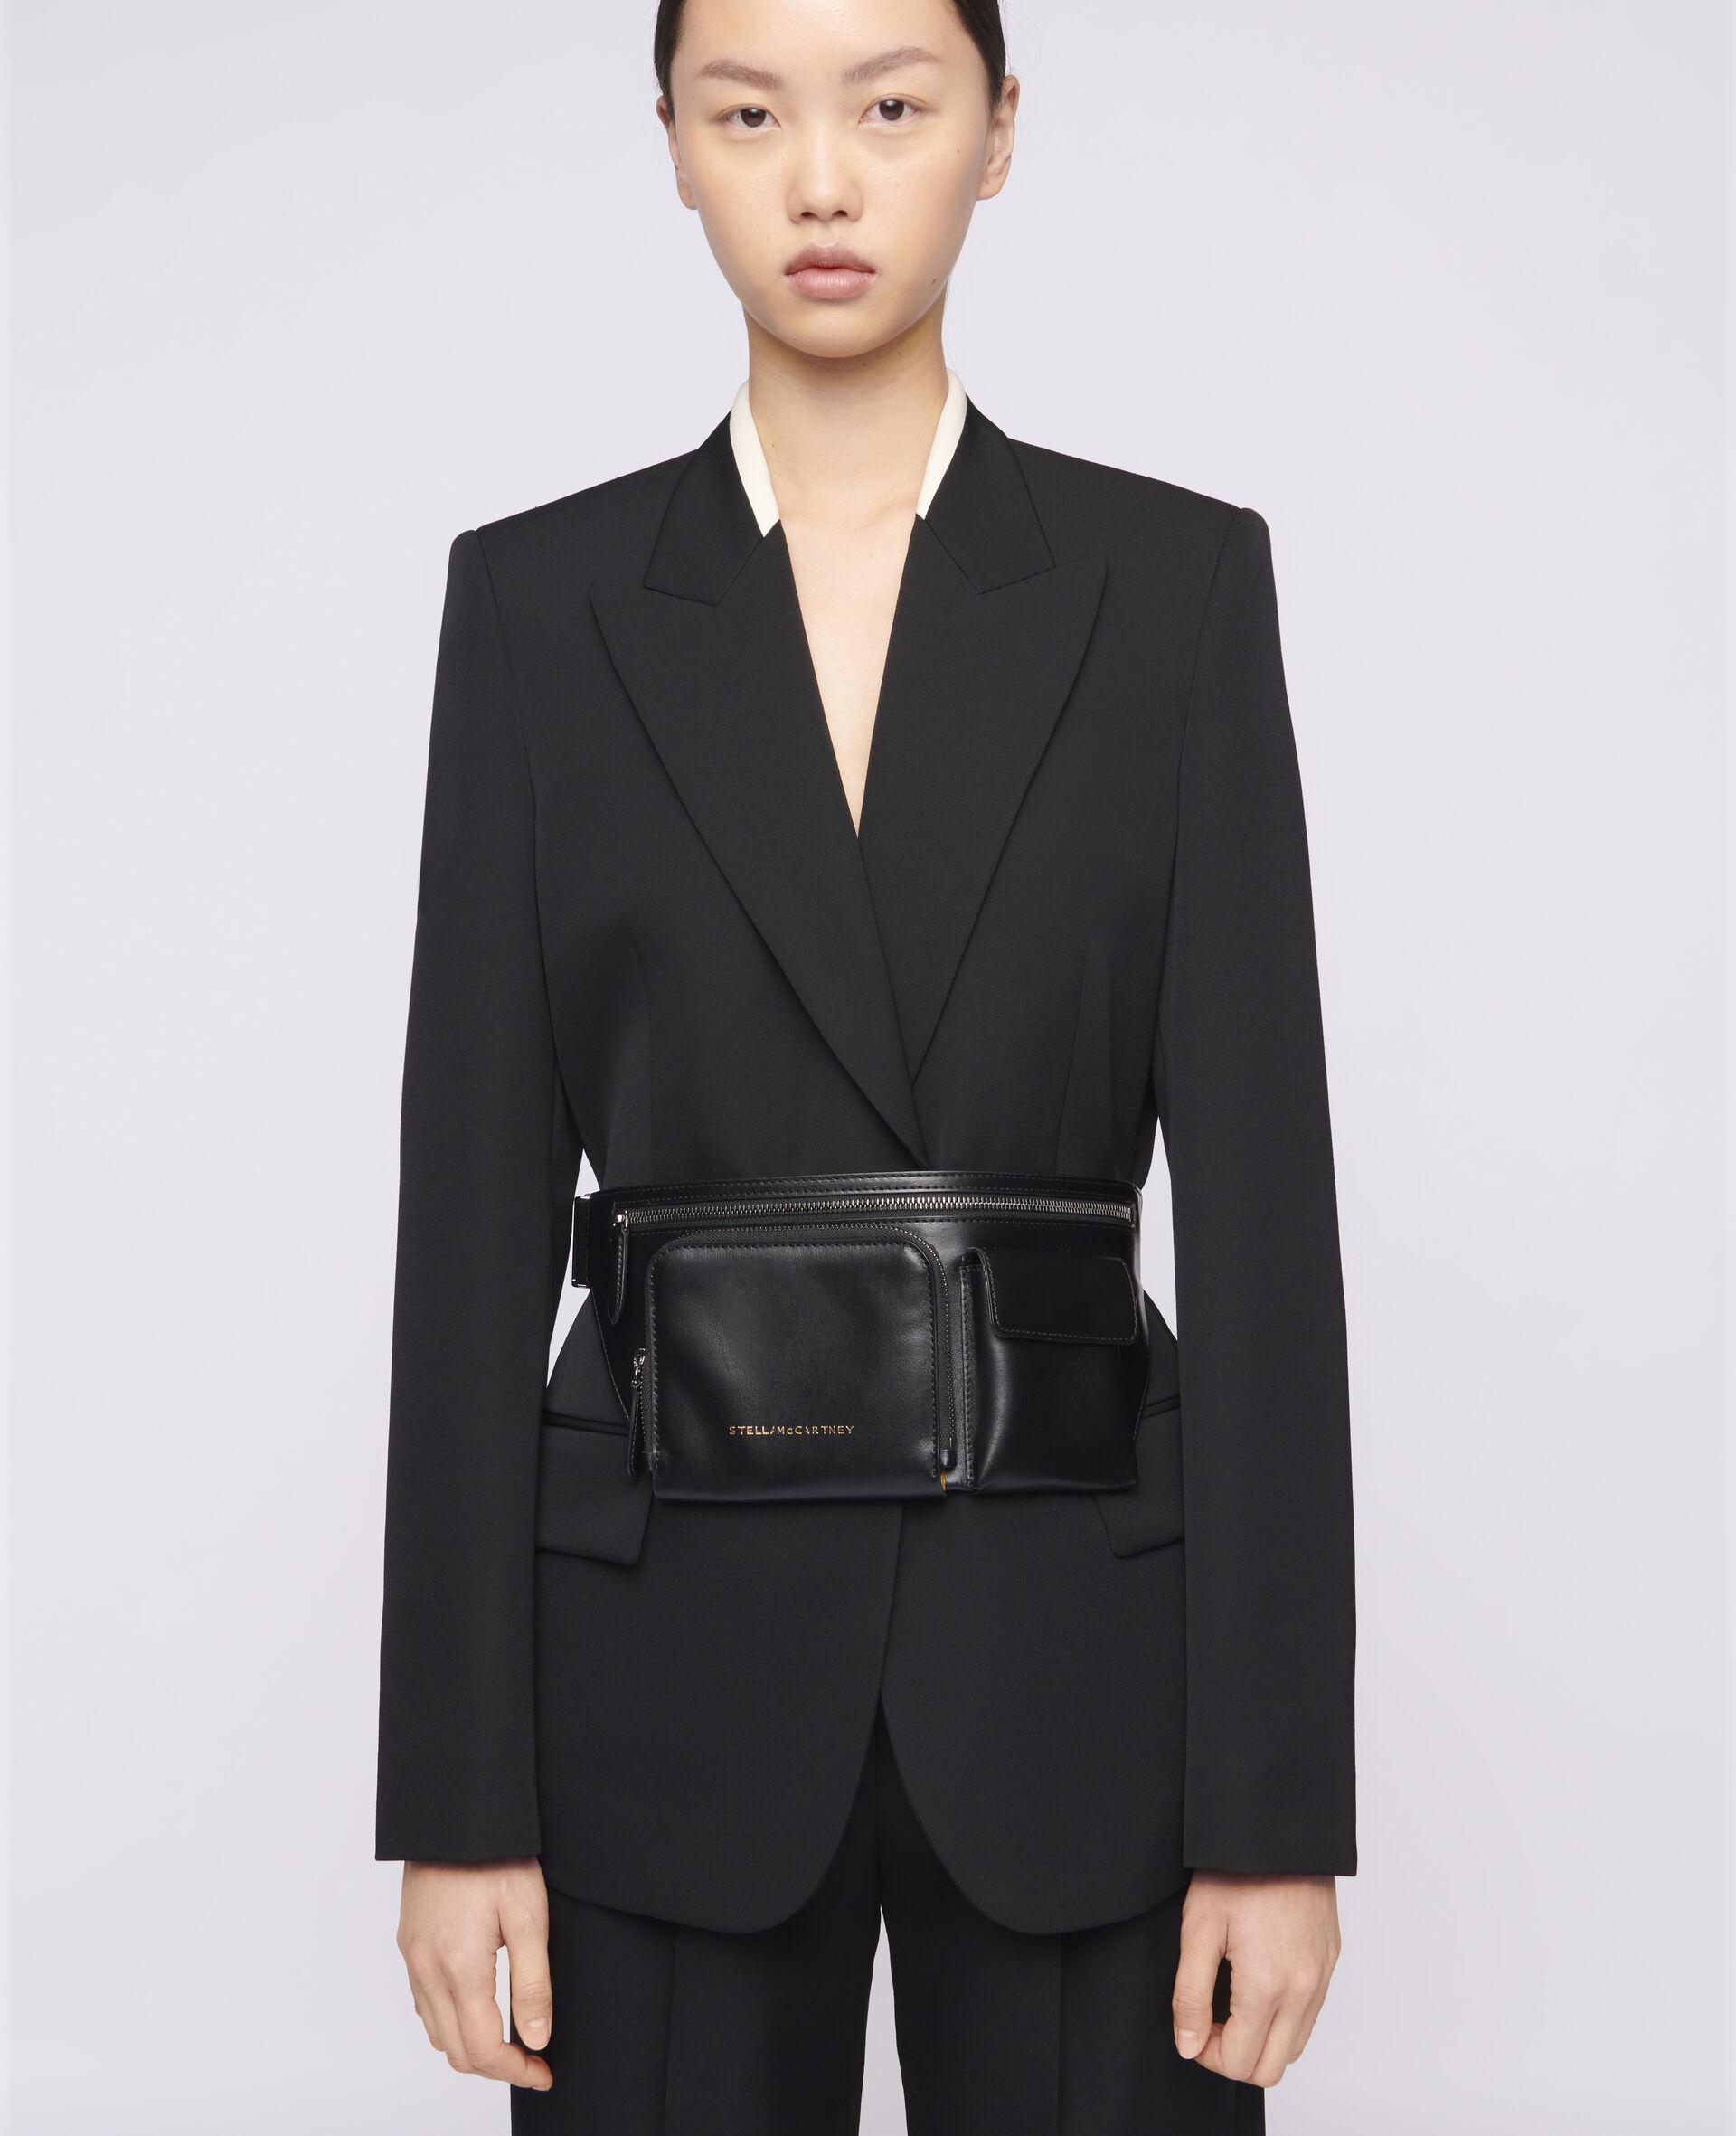 Bella Tailored Jacket-Black-large image number 3